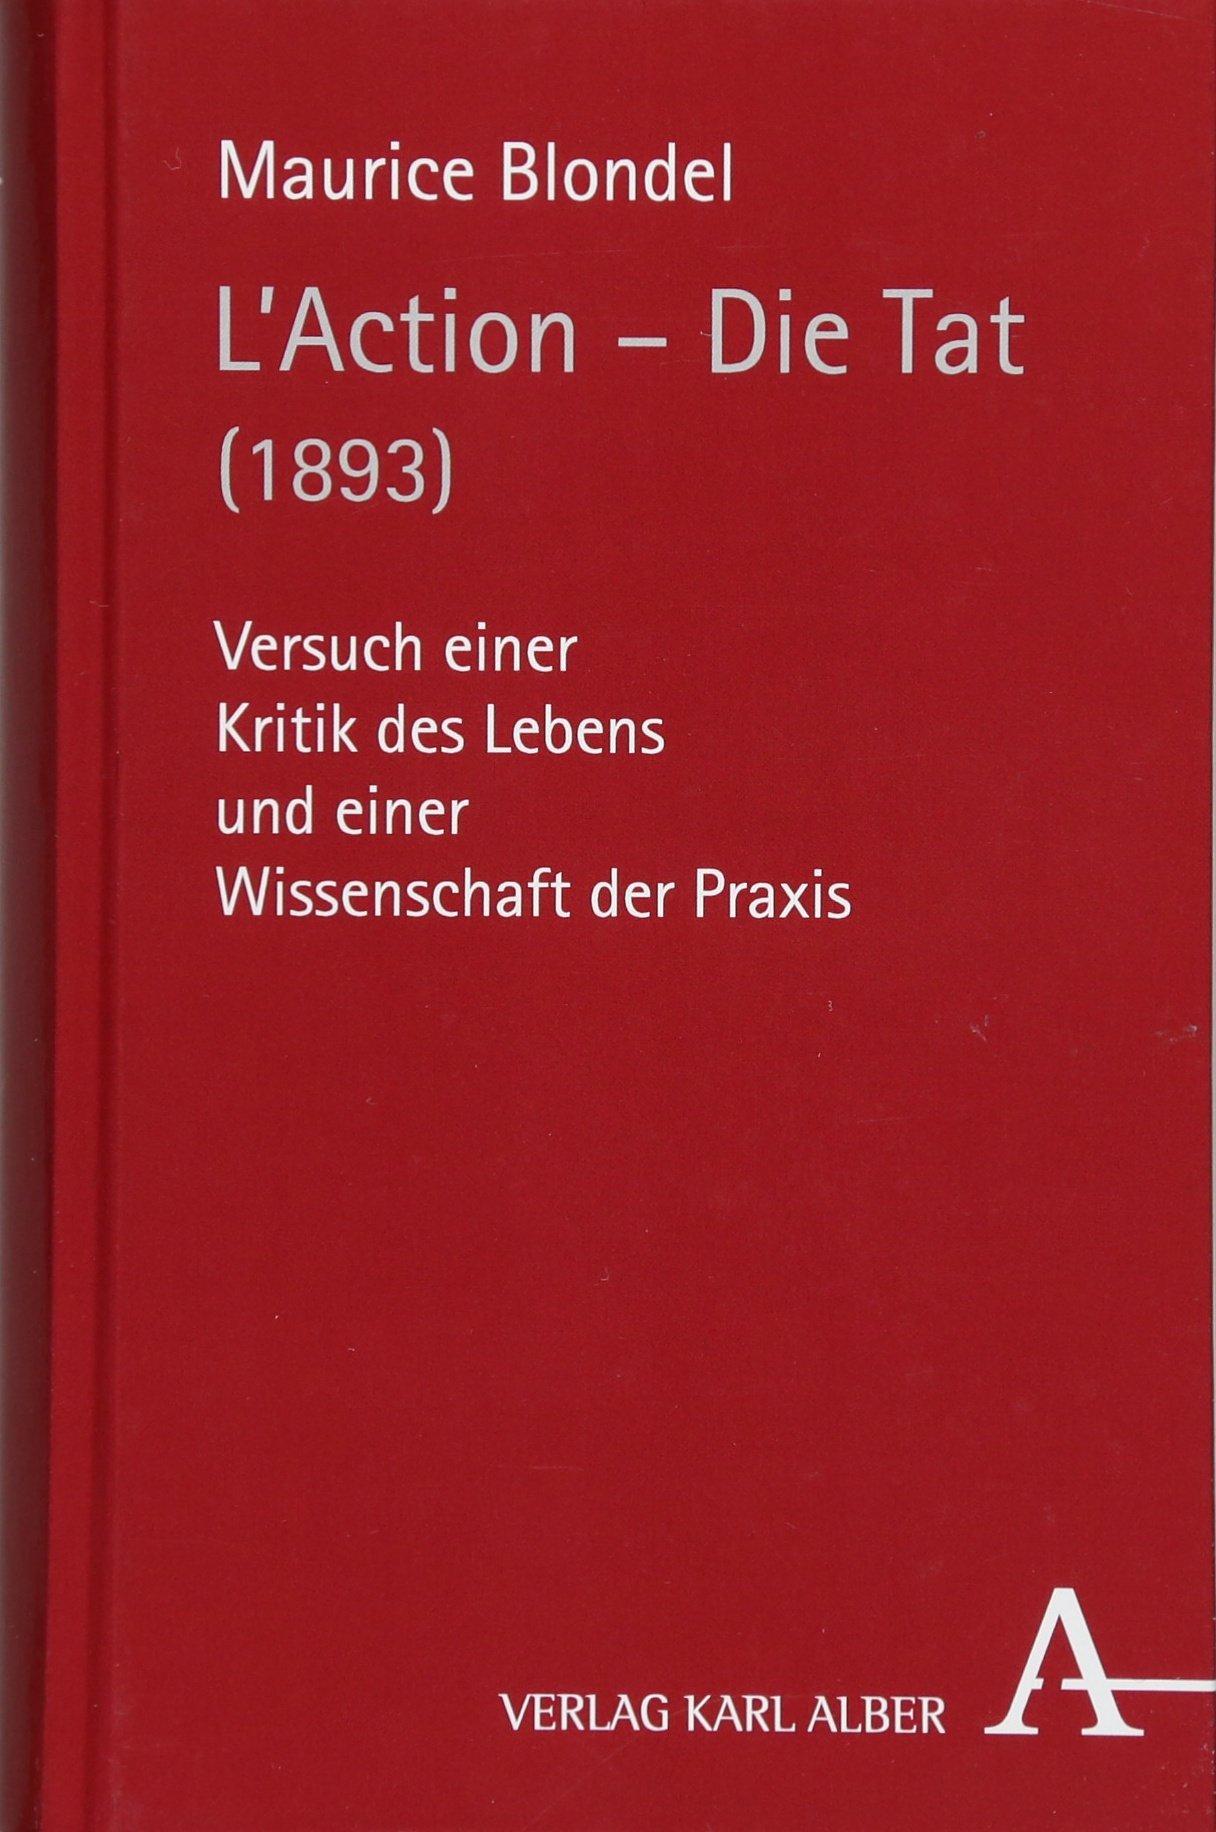 L'Action - Die Tat (1893): Versuch einer Kritik des Lebens und einer Wissenschaft der Praxis Gebundenes Buch – 5. Februar 2018 Maurice Blondel Stephan Grätzel Anton van Hooff Karl Lehmann